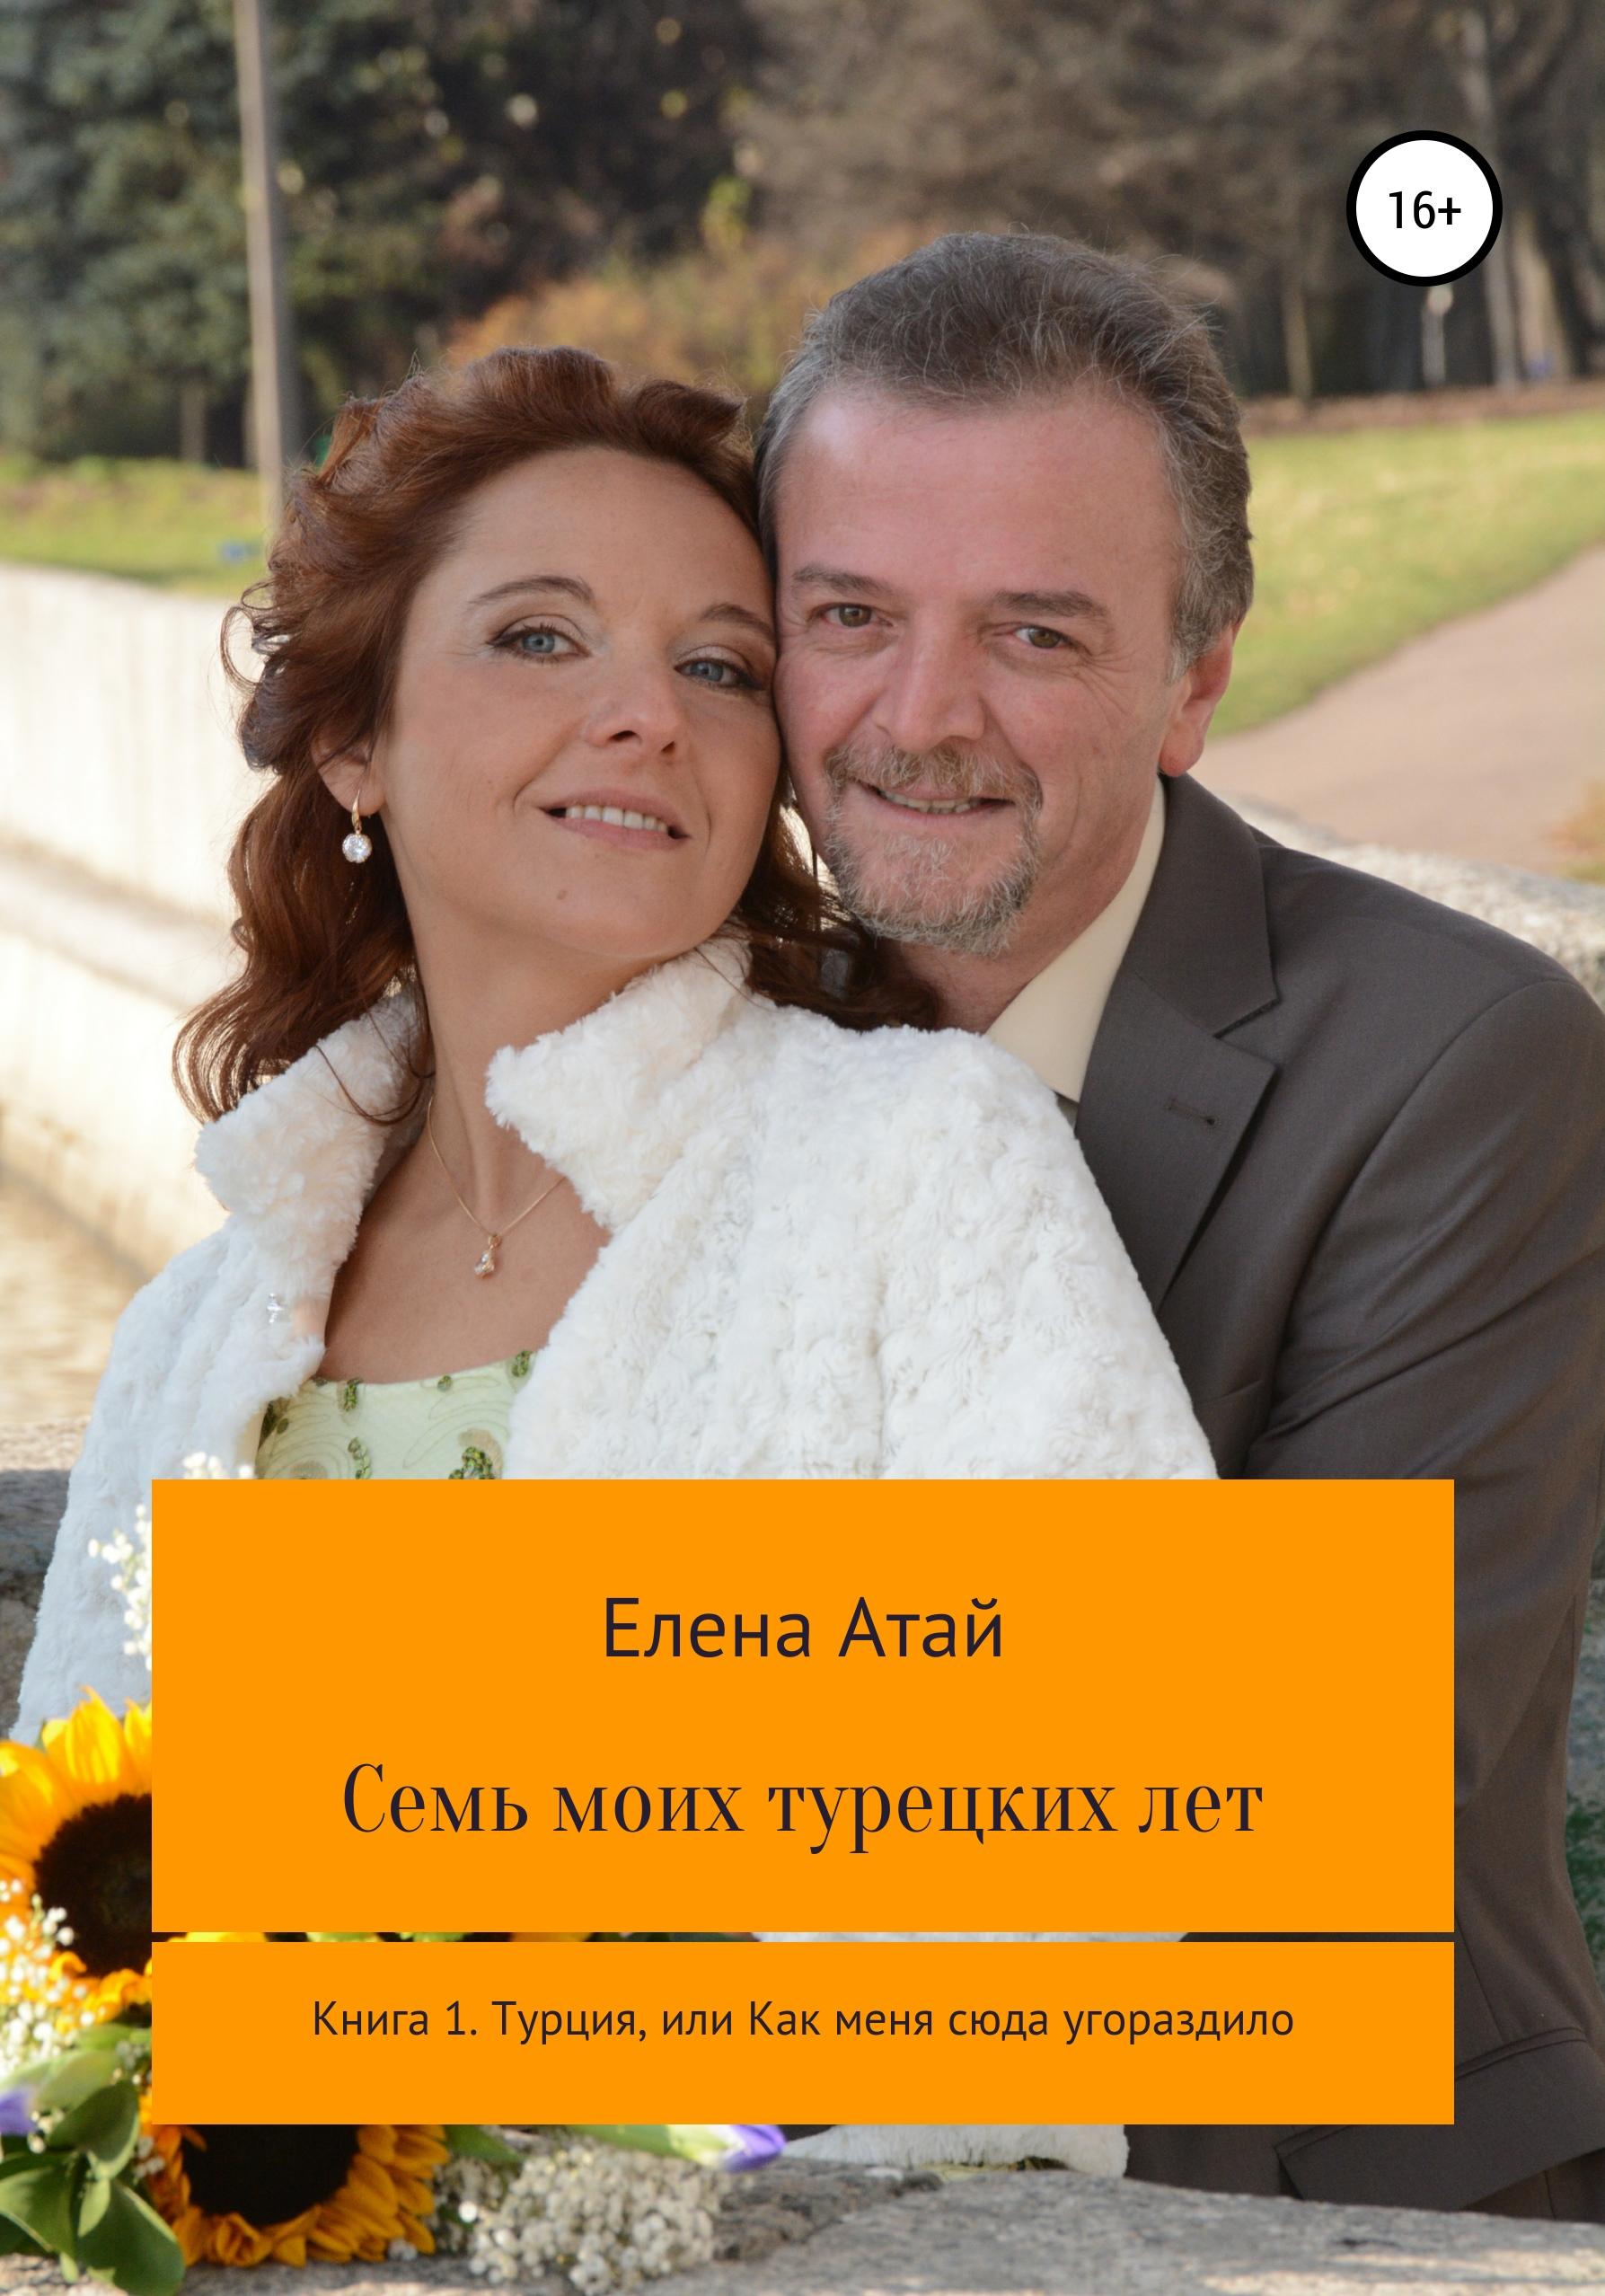 Купить книгу Семь моих турецких лет Книга 1. Турция, или Как меня сюда угораздило, автора Елены Атай